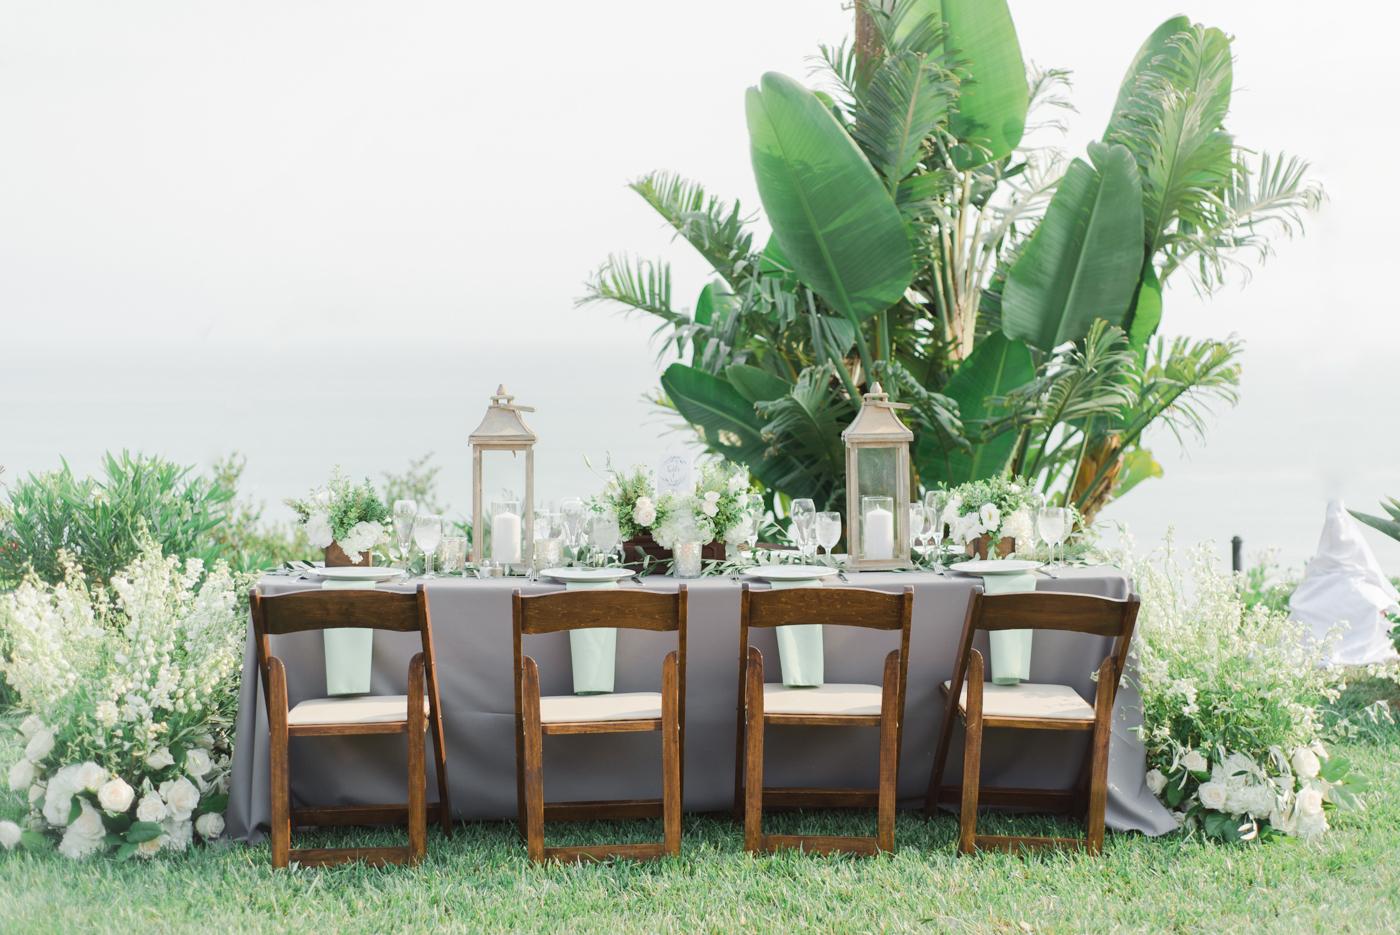 AKP_S&F_Malibu_Wedding_Fine_Art_Photography_Los_Angeles-33_reception.jpg